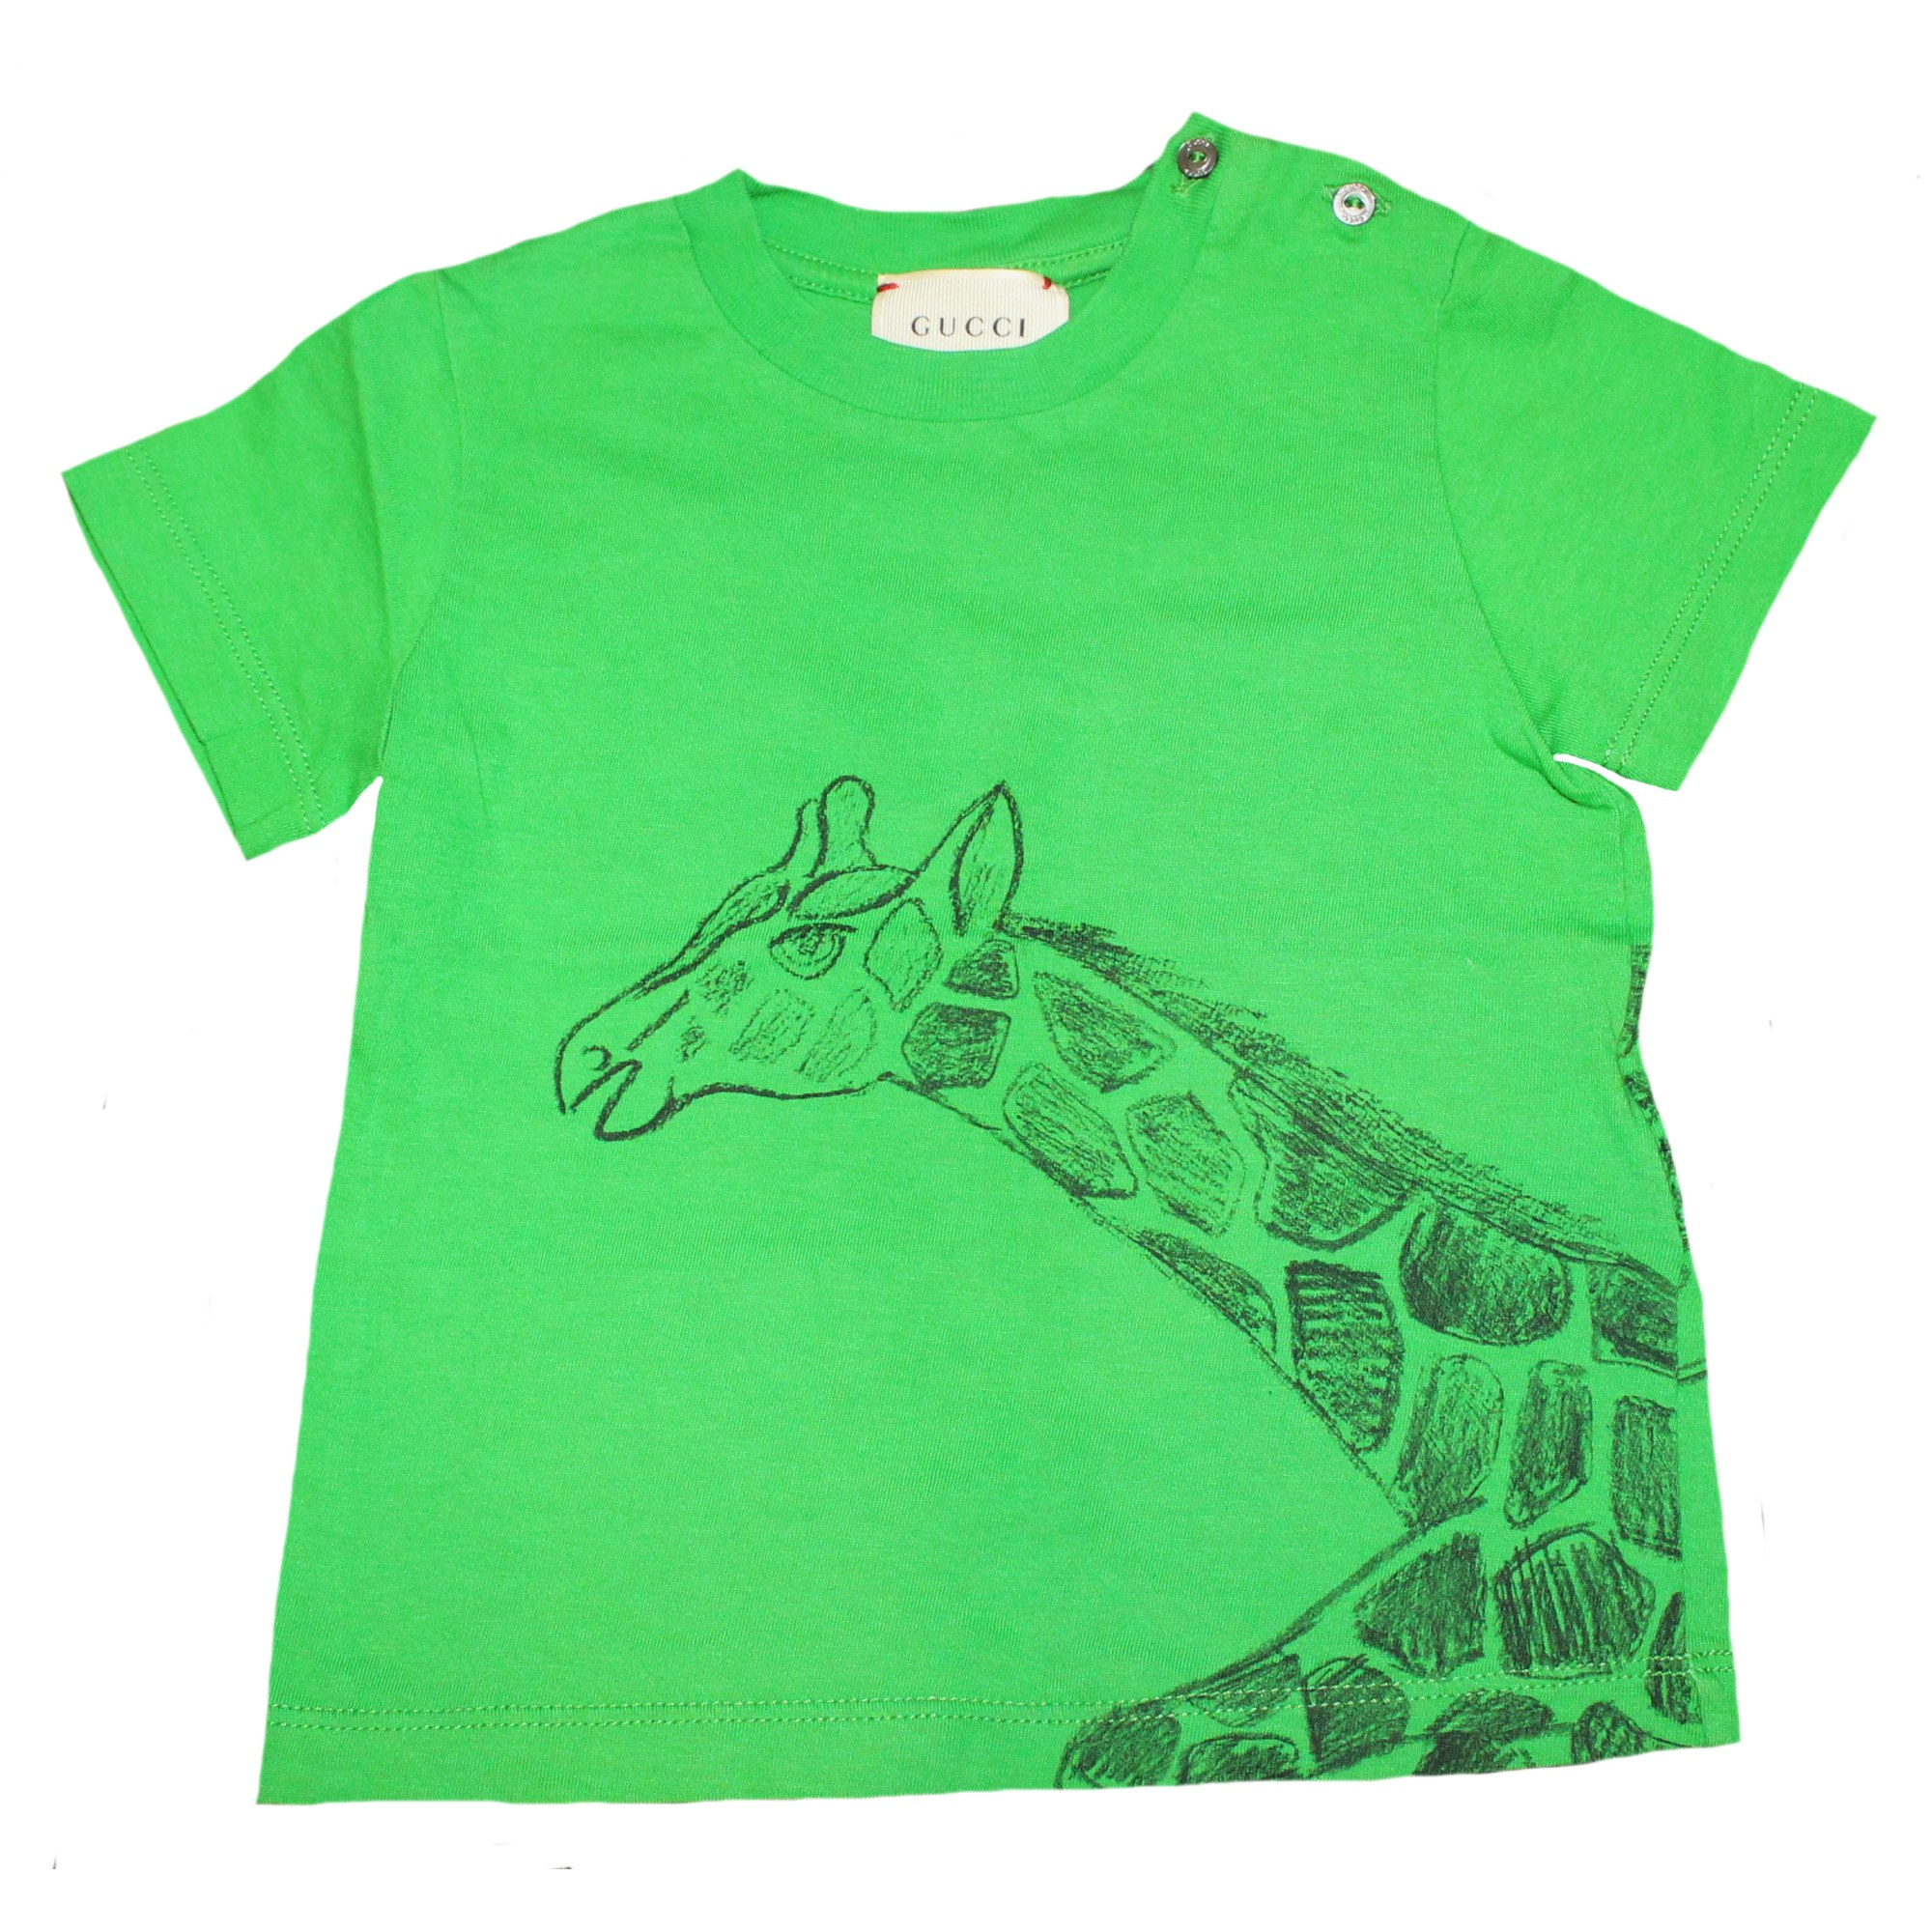 12a73041 Top, tee shirt GUCCI 12 mois vert - 6995106